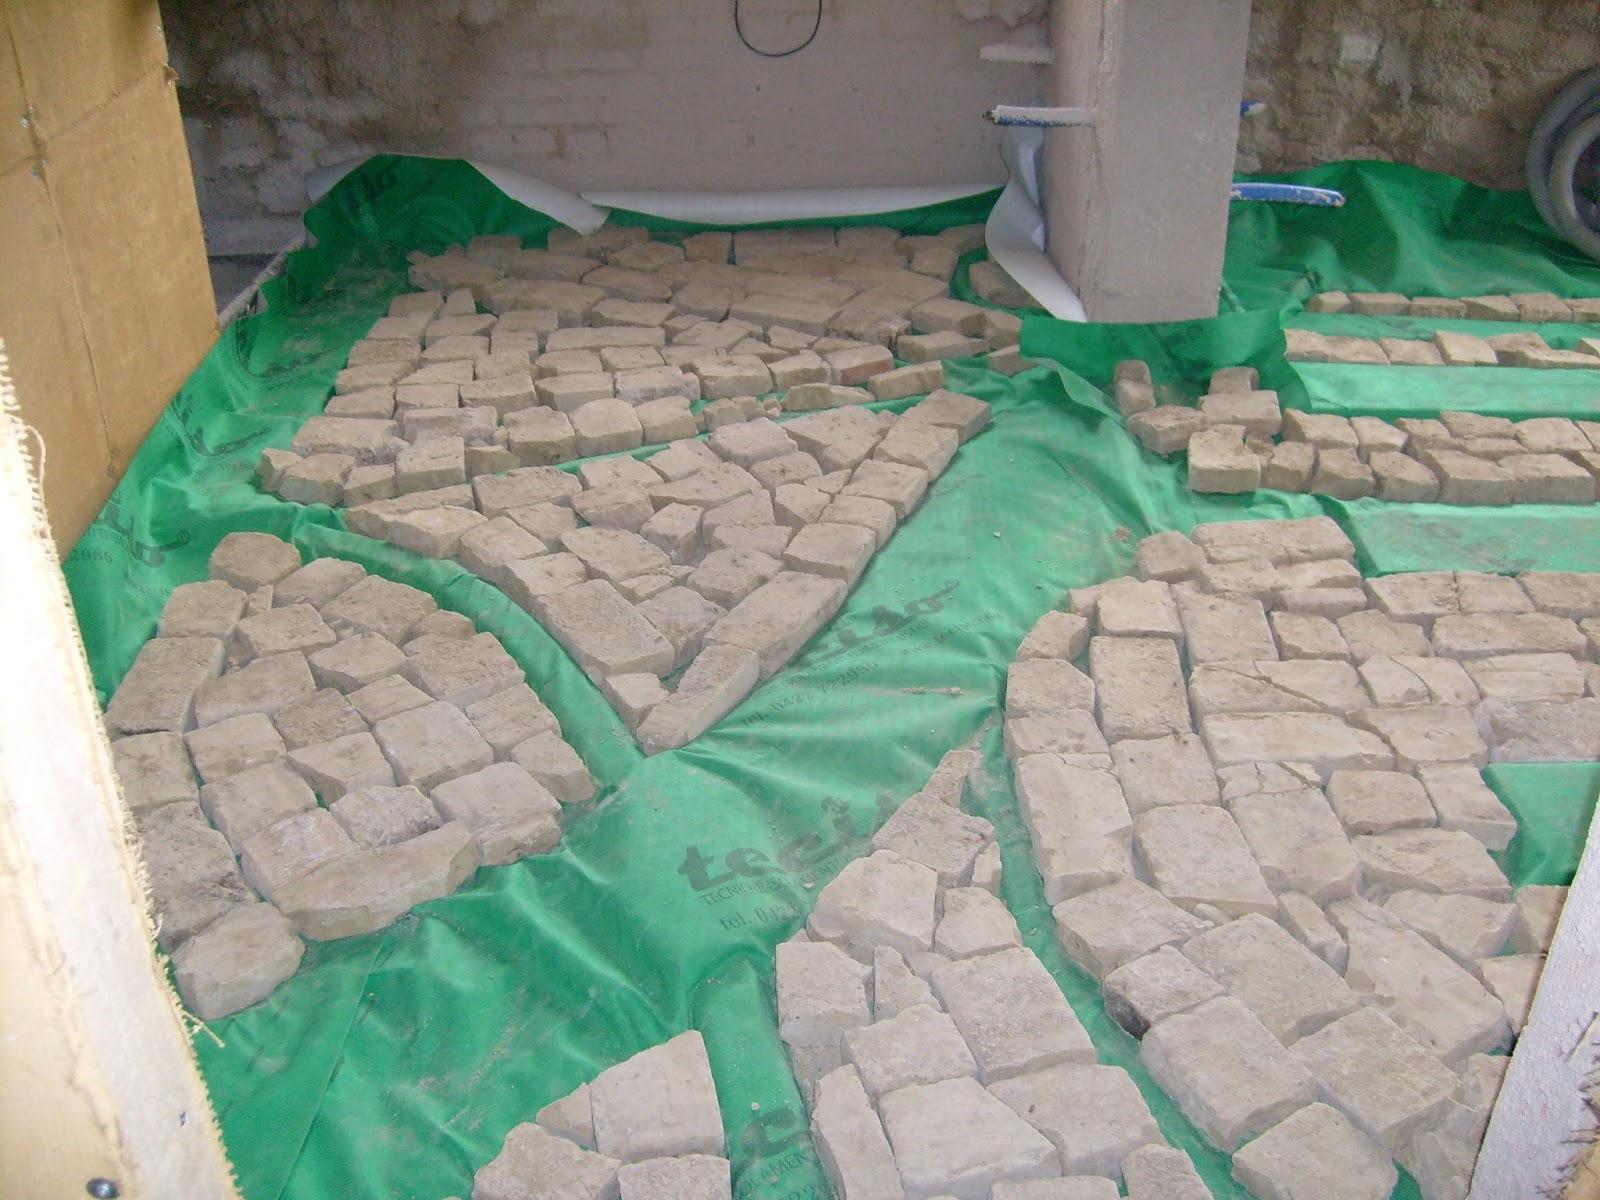 Sabbiare un soffitto mattoni : Installa e ripara